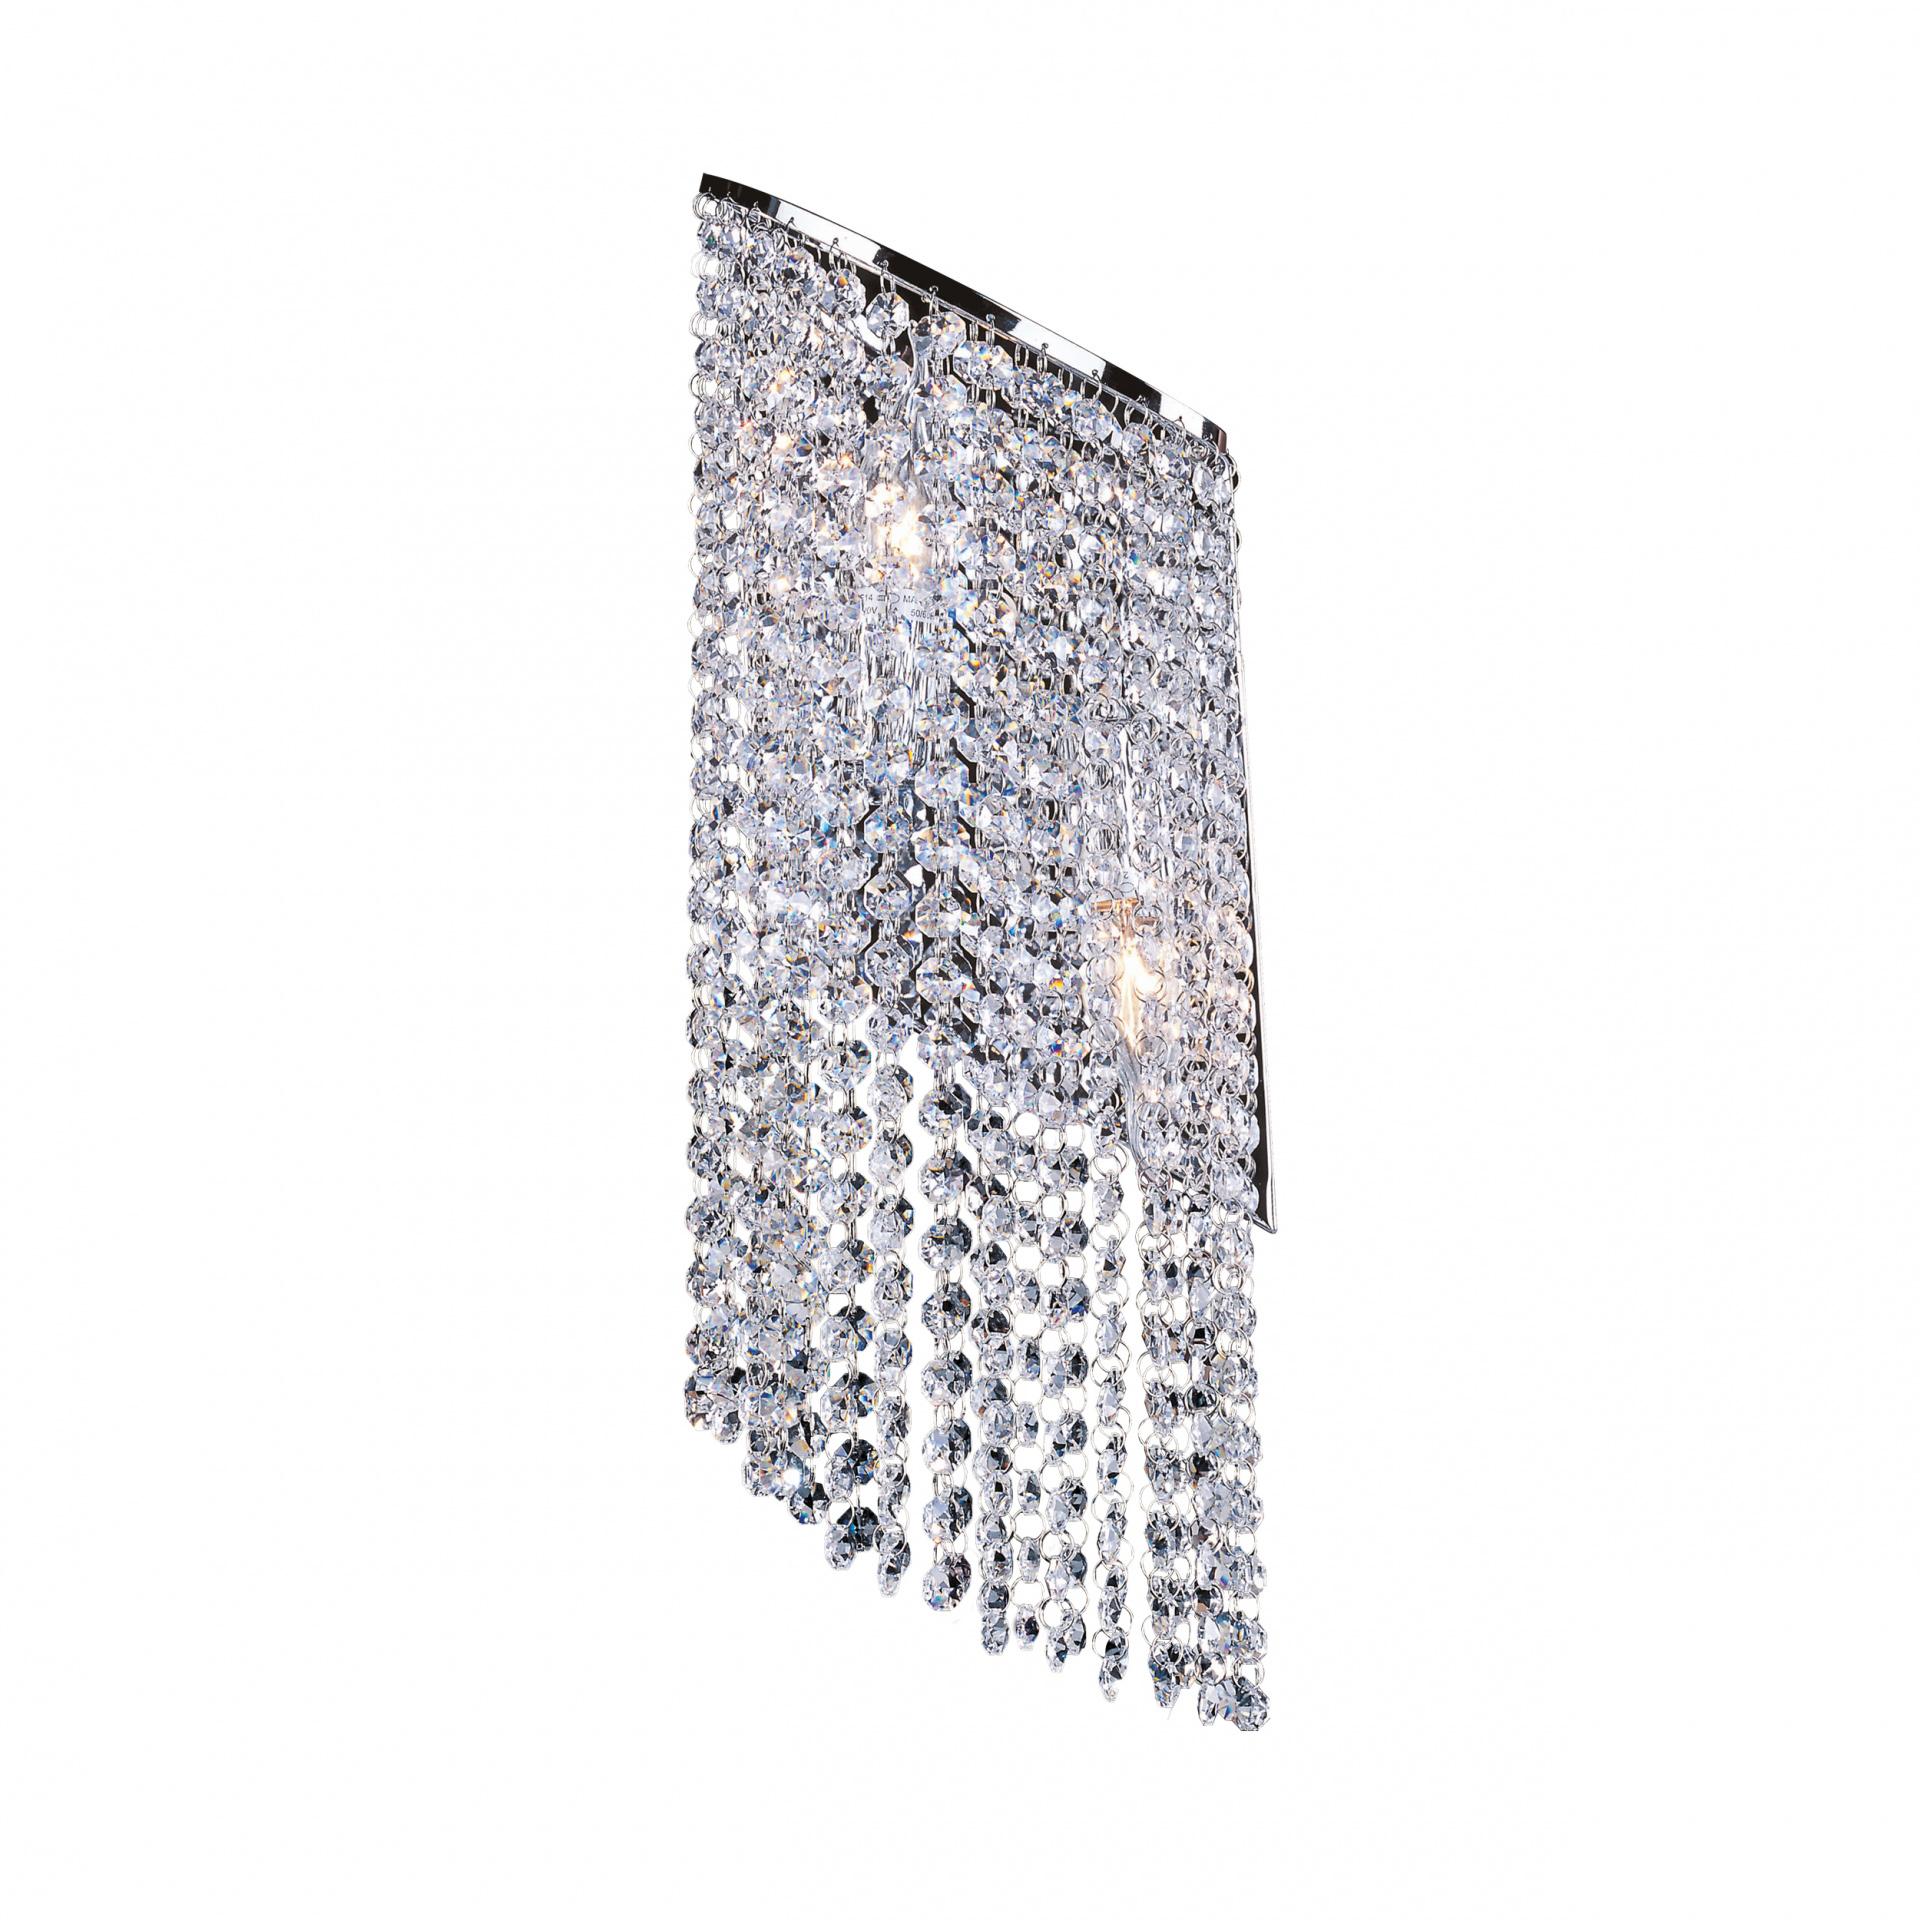 Бра Nuvola 2х40W E14 хром Osgona 709624, купить в СПб, Москве, с доставкой, Санкт-Петербург, интернет-магазин люстр и светильников Starlight, фото в жизни